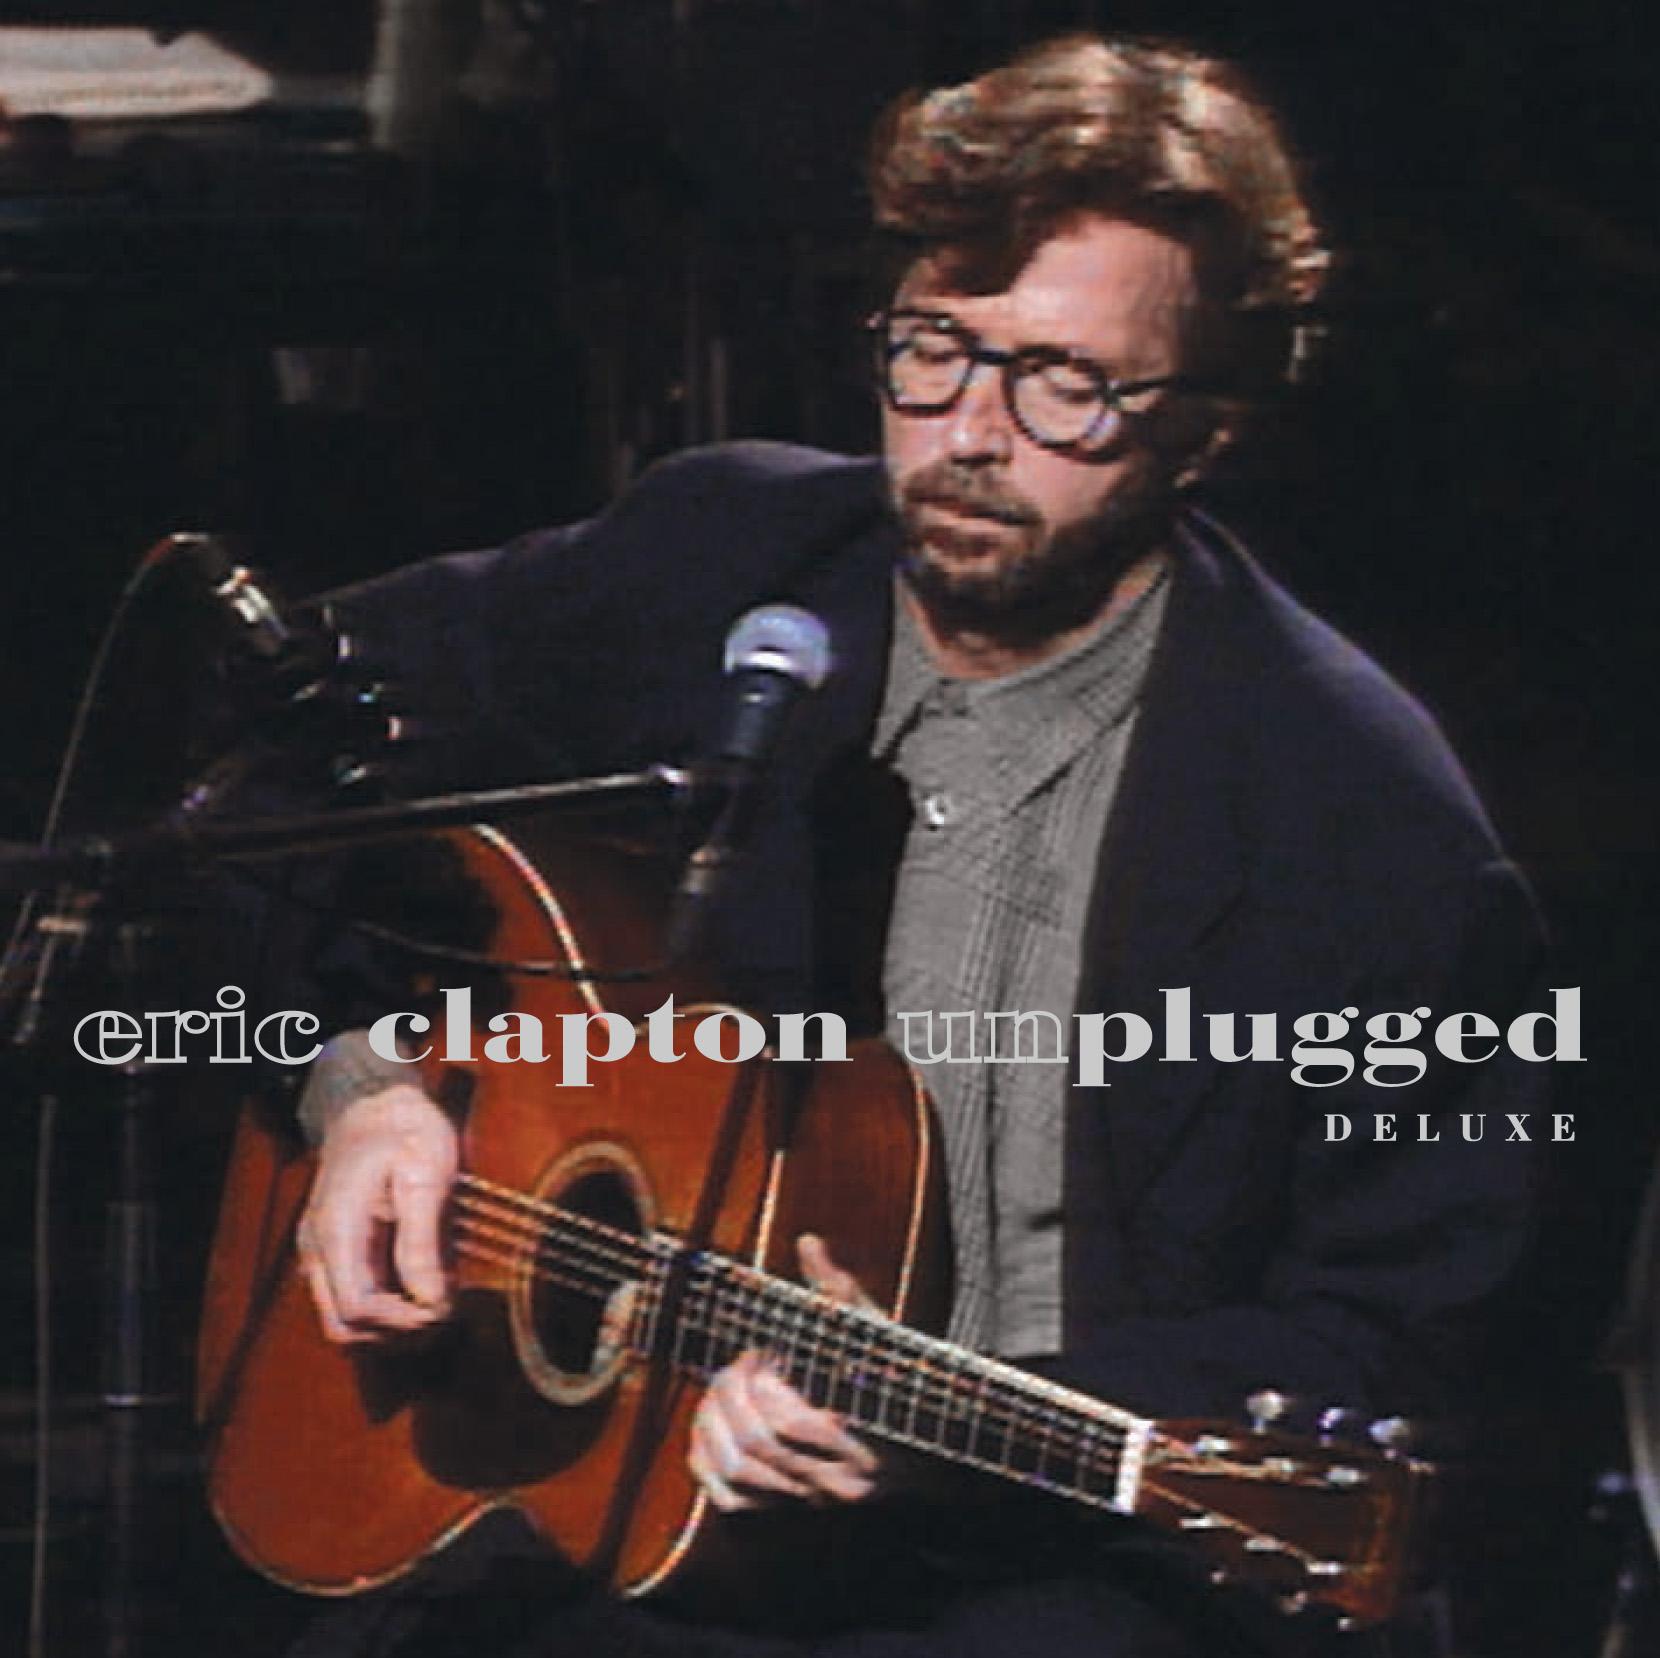 アルバム『アンプラグド~アコースティック・クラプトンDELUXE』(2CD)